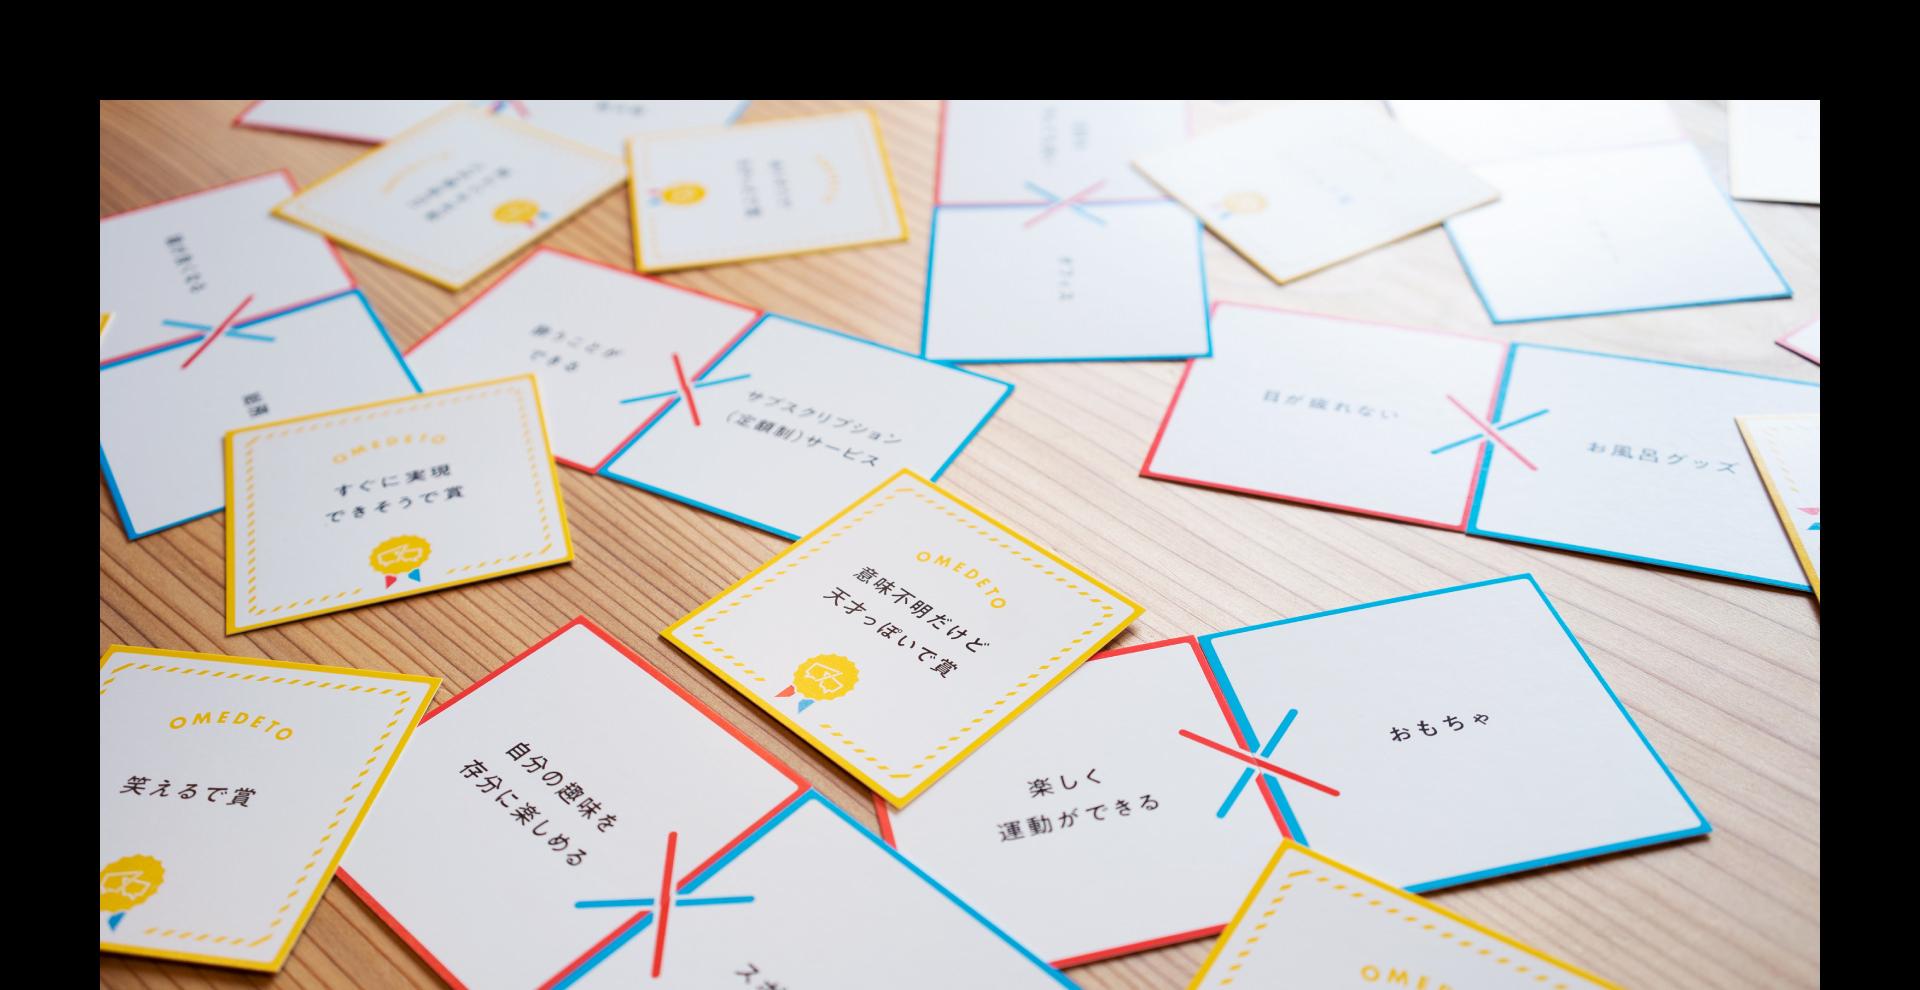 ビジネスアイデア発想ゲーム「かけアイ」05